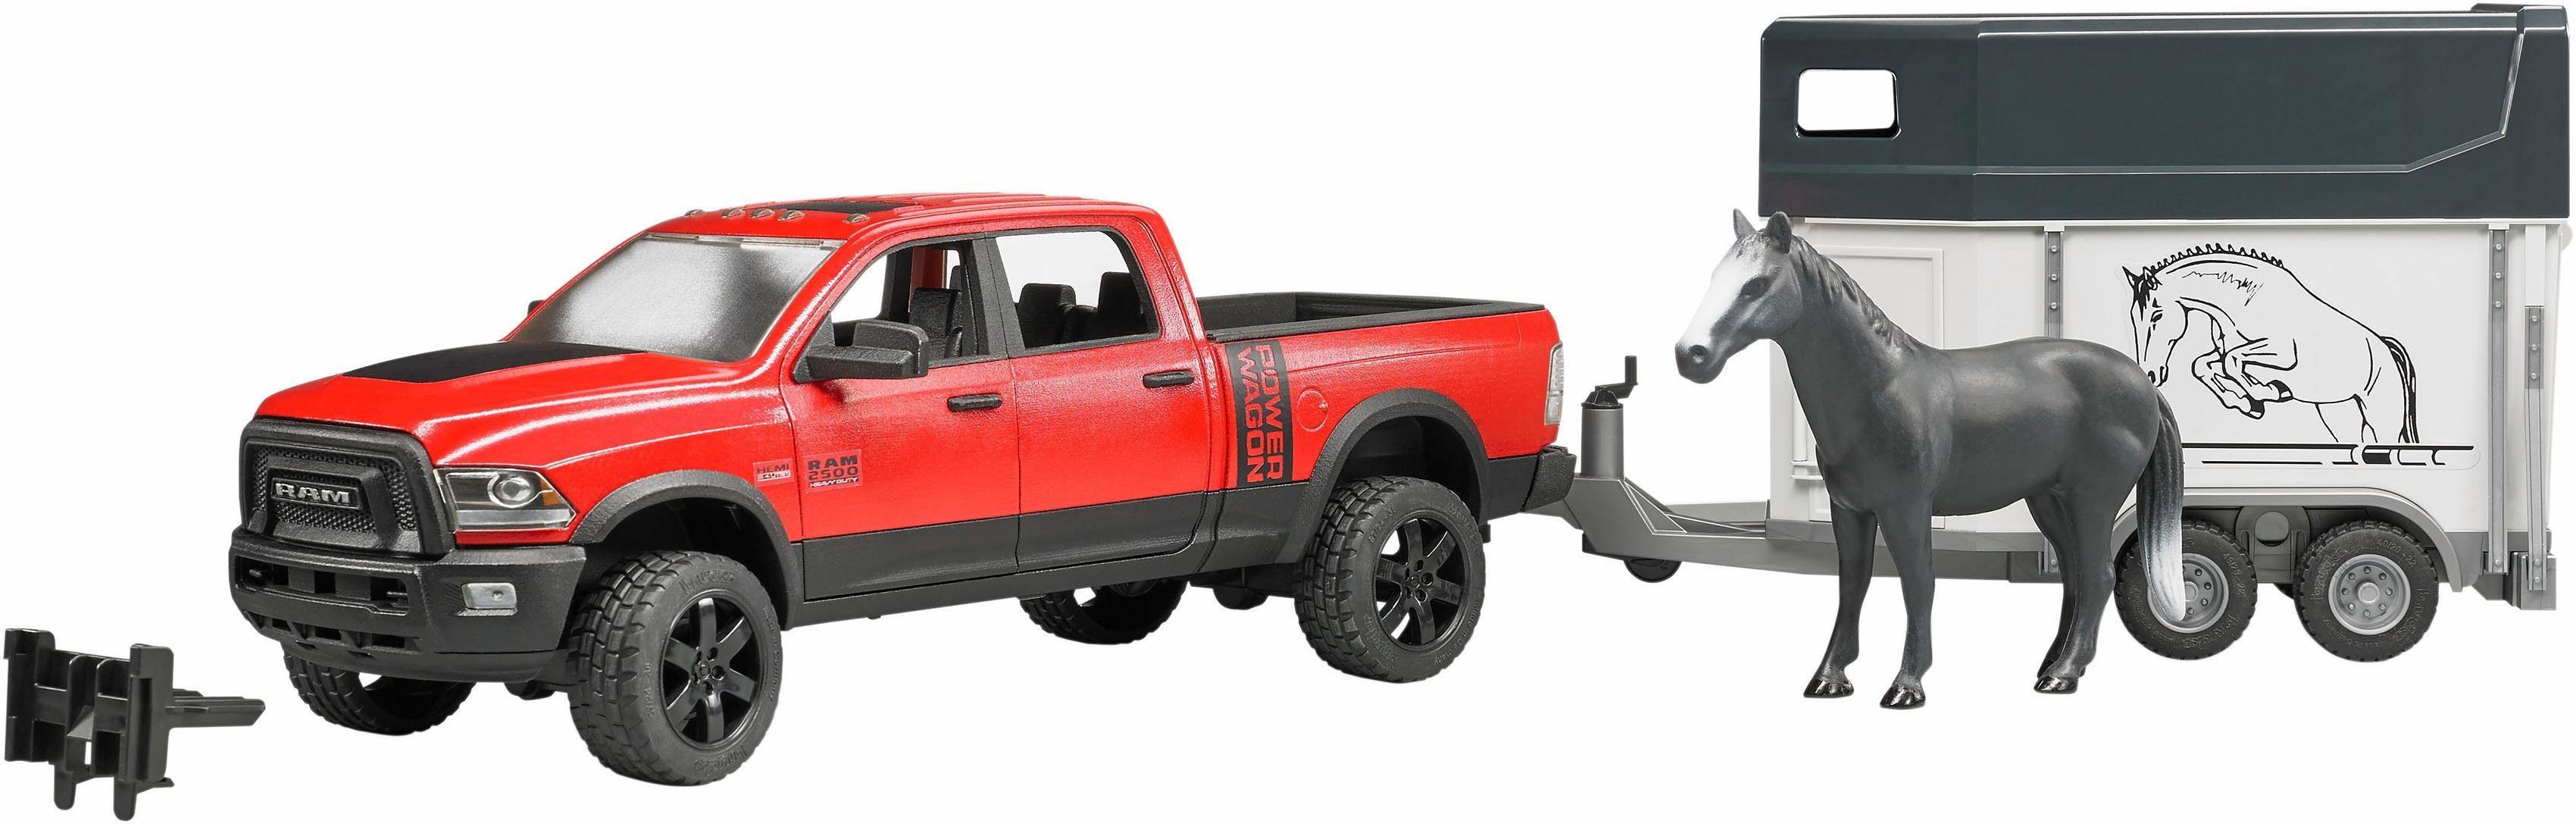 bruder® Spielfahrzeug mit Anhänger 2501, »RAM 2500 Power Wagon mit Pferdeanhänger und Pferd, 1:16, rot«